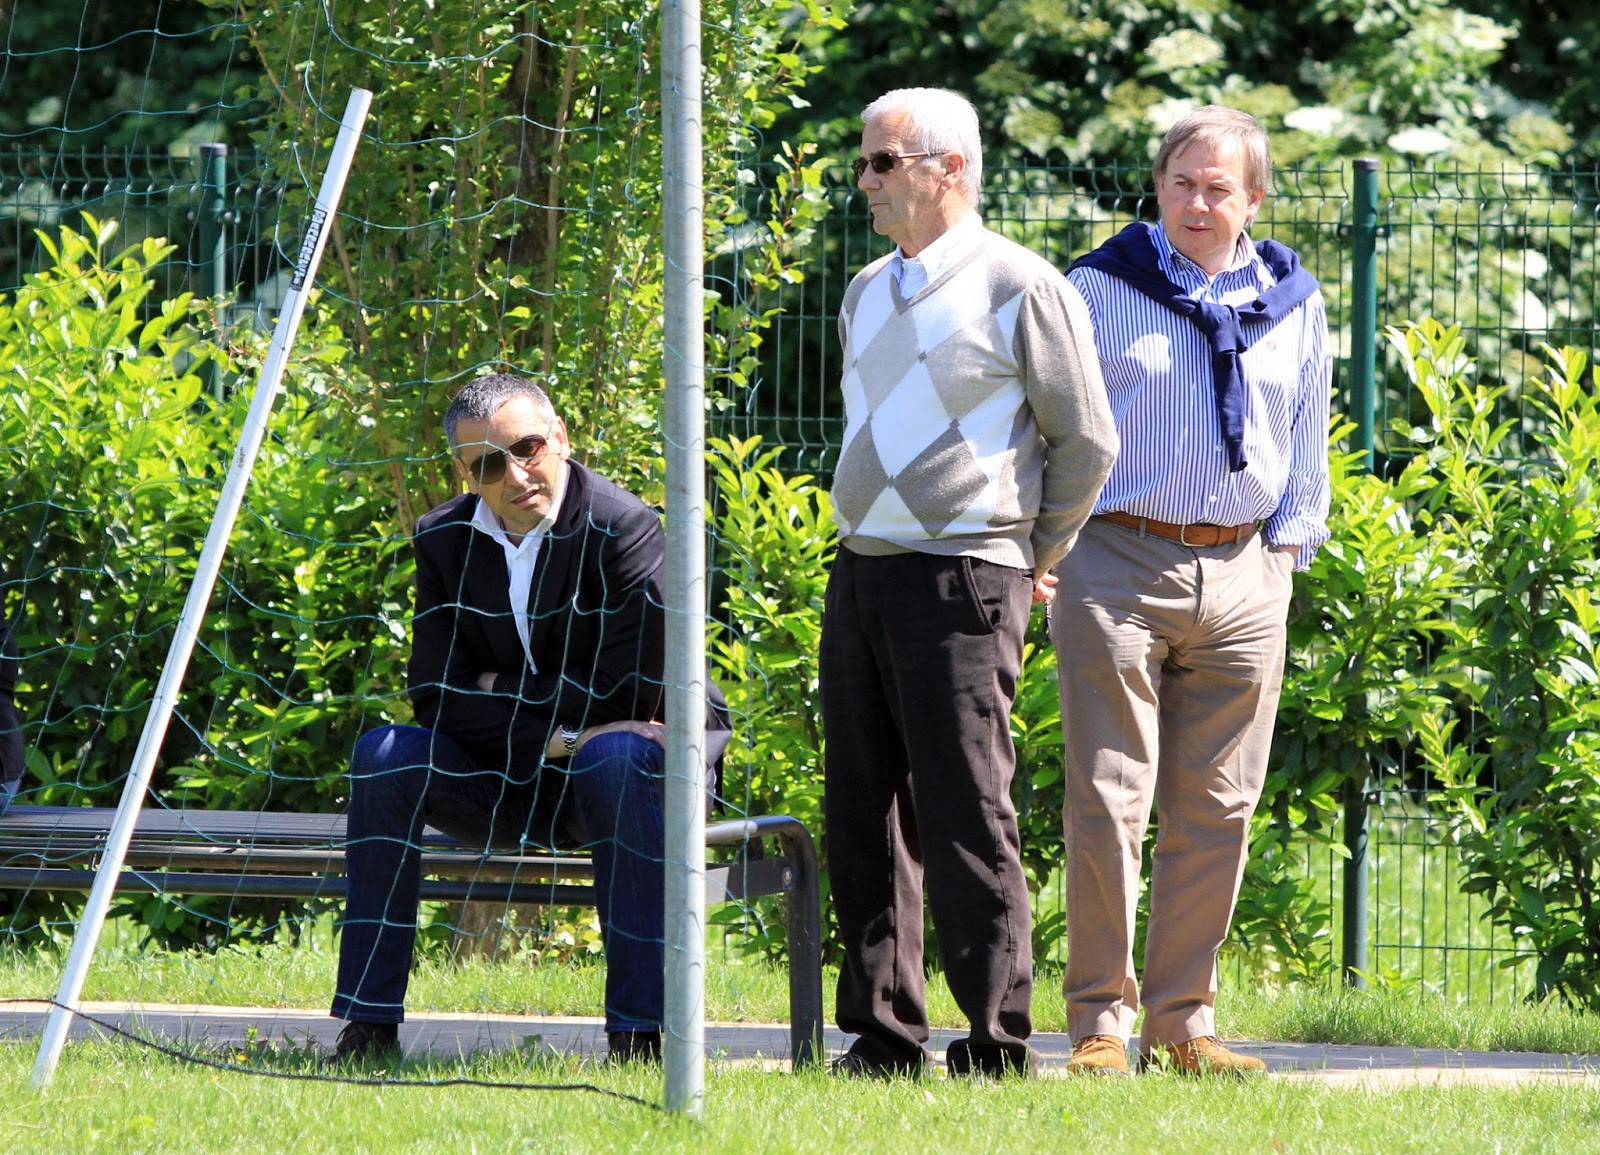 Cremonese Casalese 10-0 amich.23-05-13 038 Zocchi-Simoni-Berago